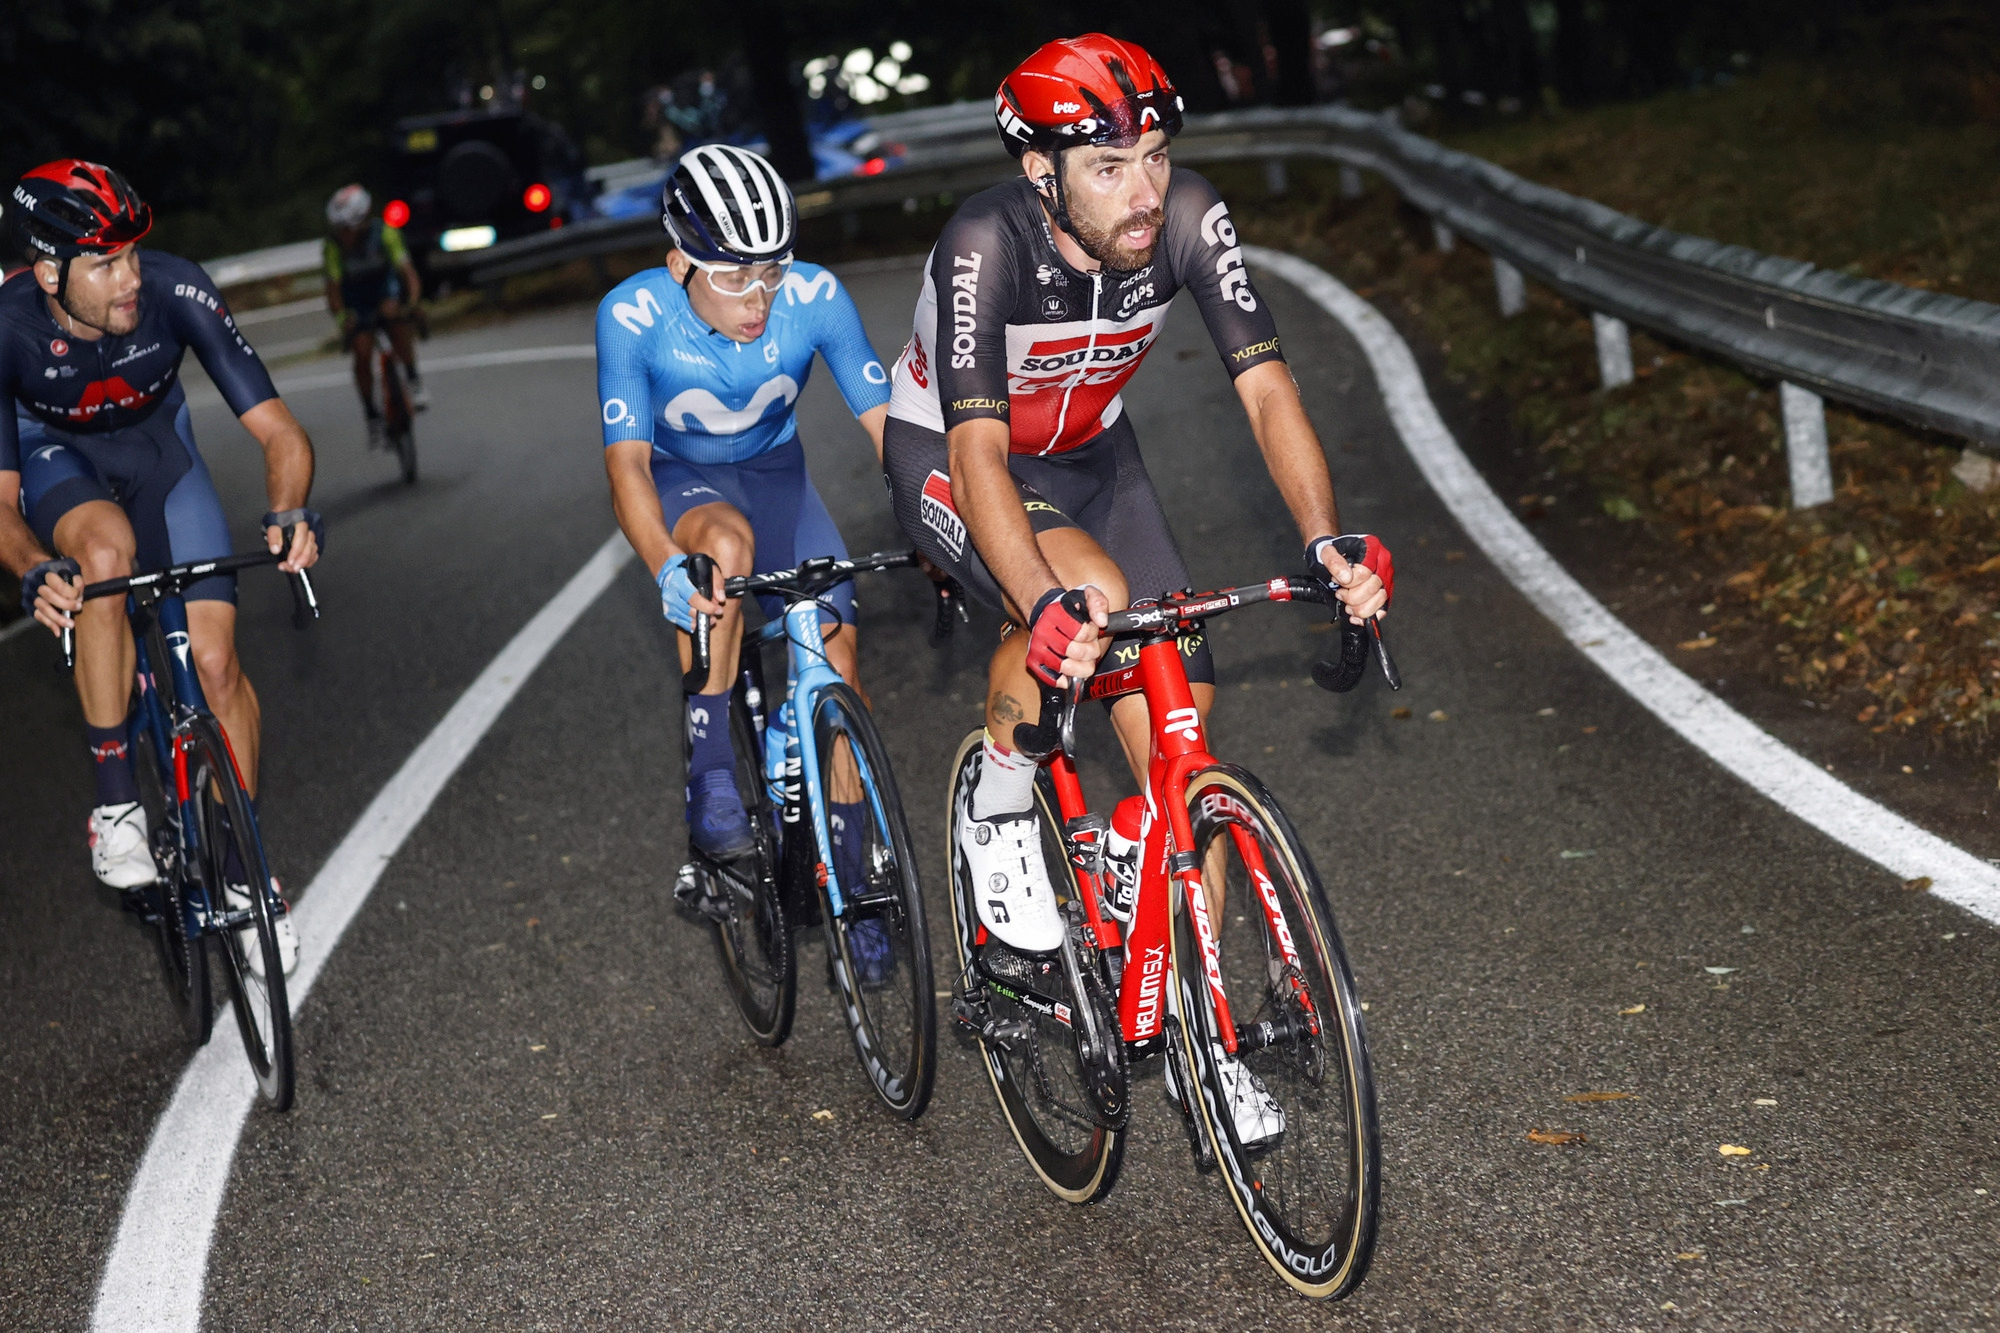 de gendt giro d'italia stage 5 Camigliatello Silano